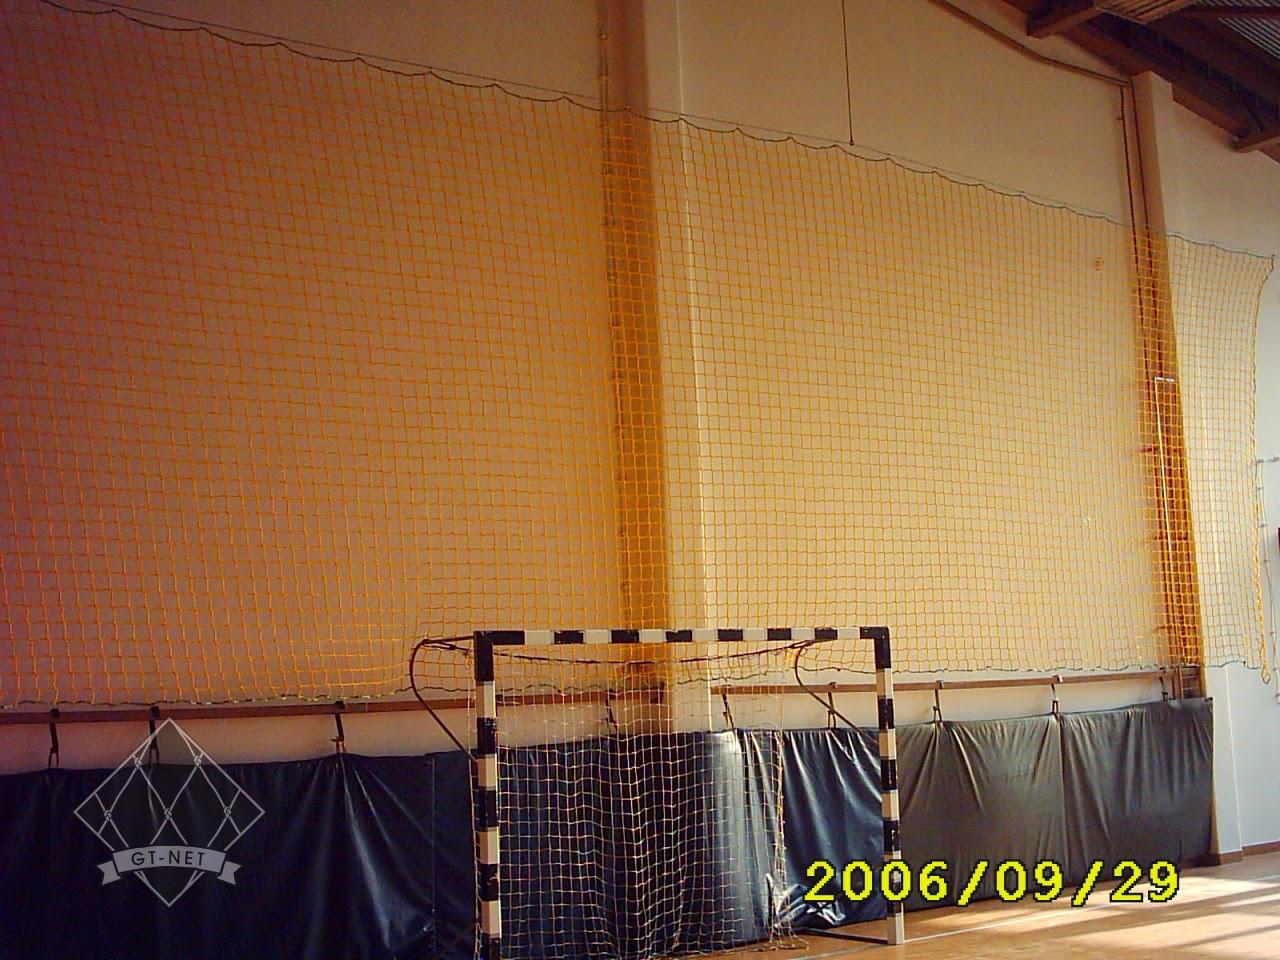 069 Labdafogóháló - Mezőtúr Városi Sportcsarnok